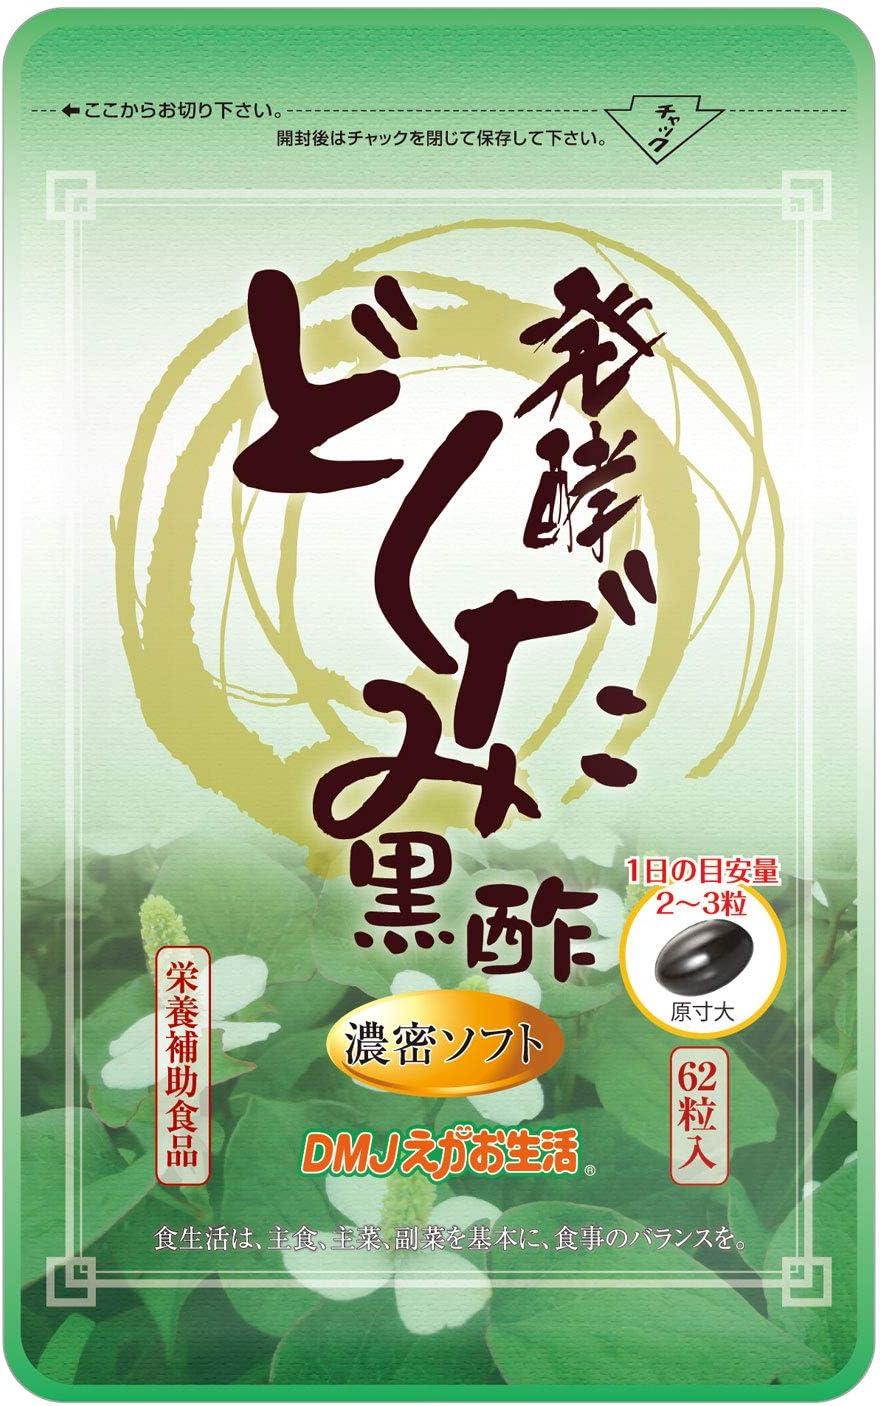 発酵どくだみ黒酢濃密ソフト [ 黒酢サプリメント/DMJえがお生活] ビタミンB1 アミノ酸 (カプセルタイプ) どくだみ 日本製 31日分